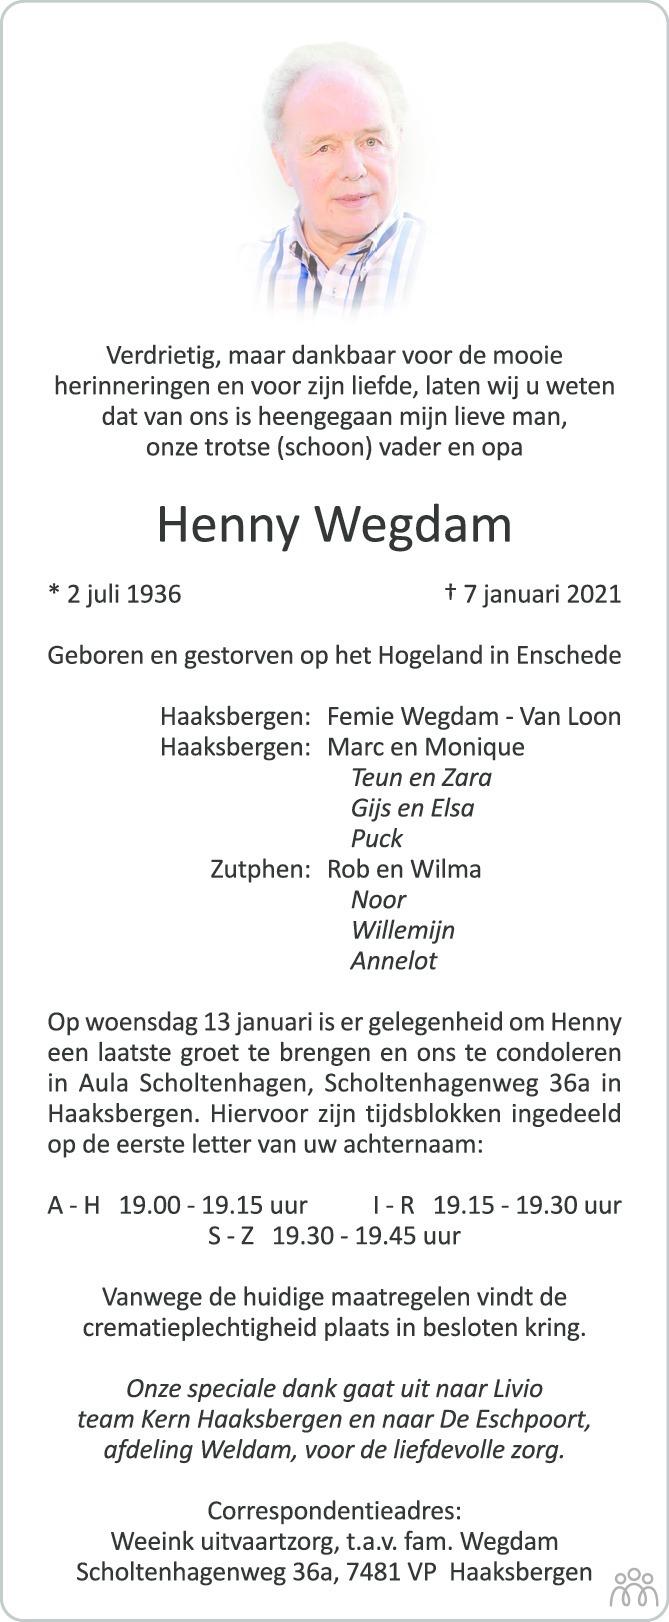 Overlijdensbericht van Henny Wegdam in Tubantia